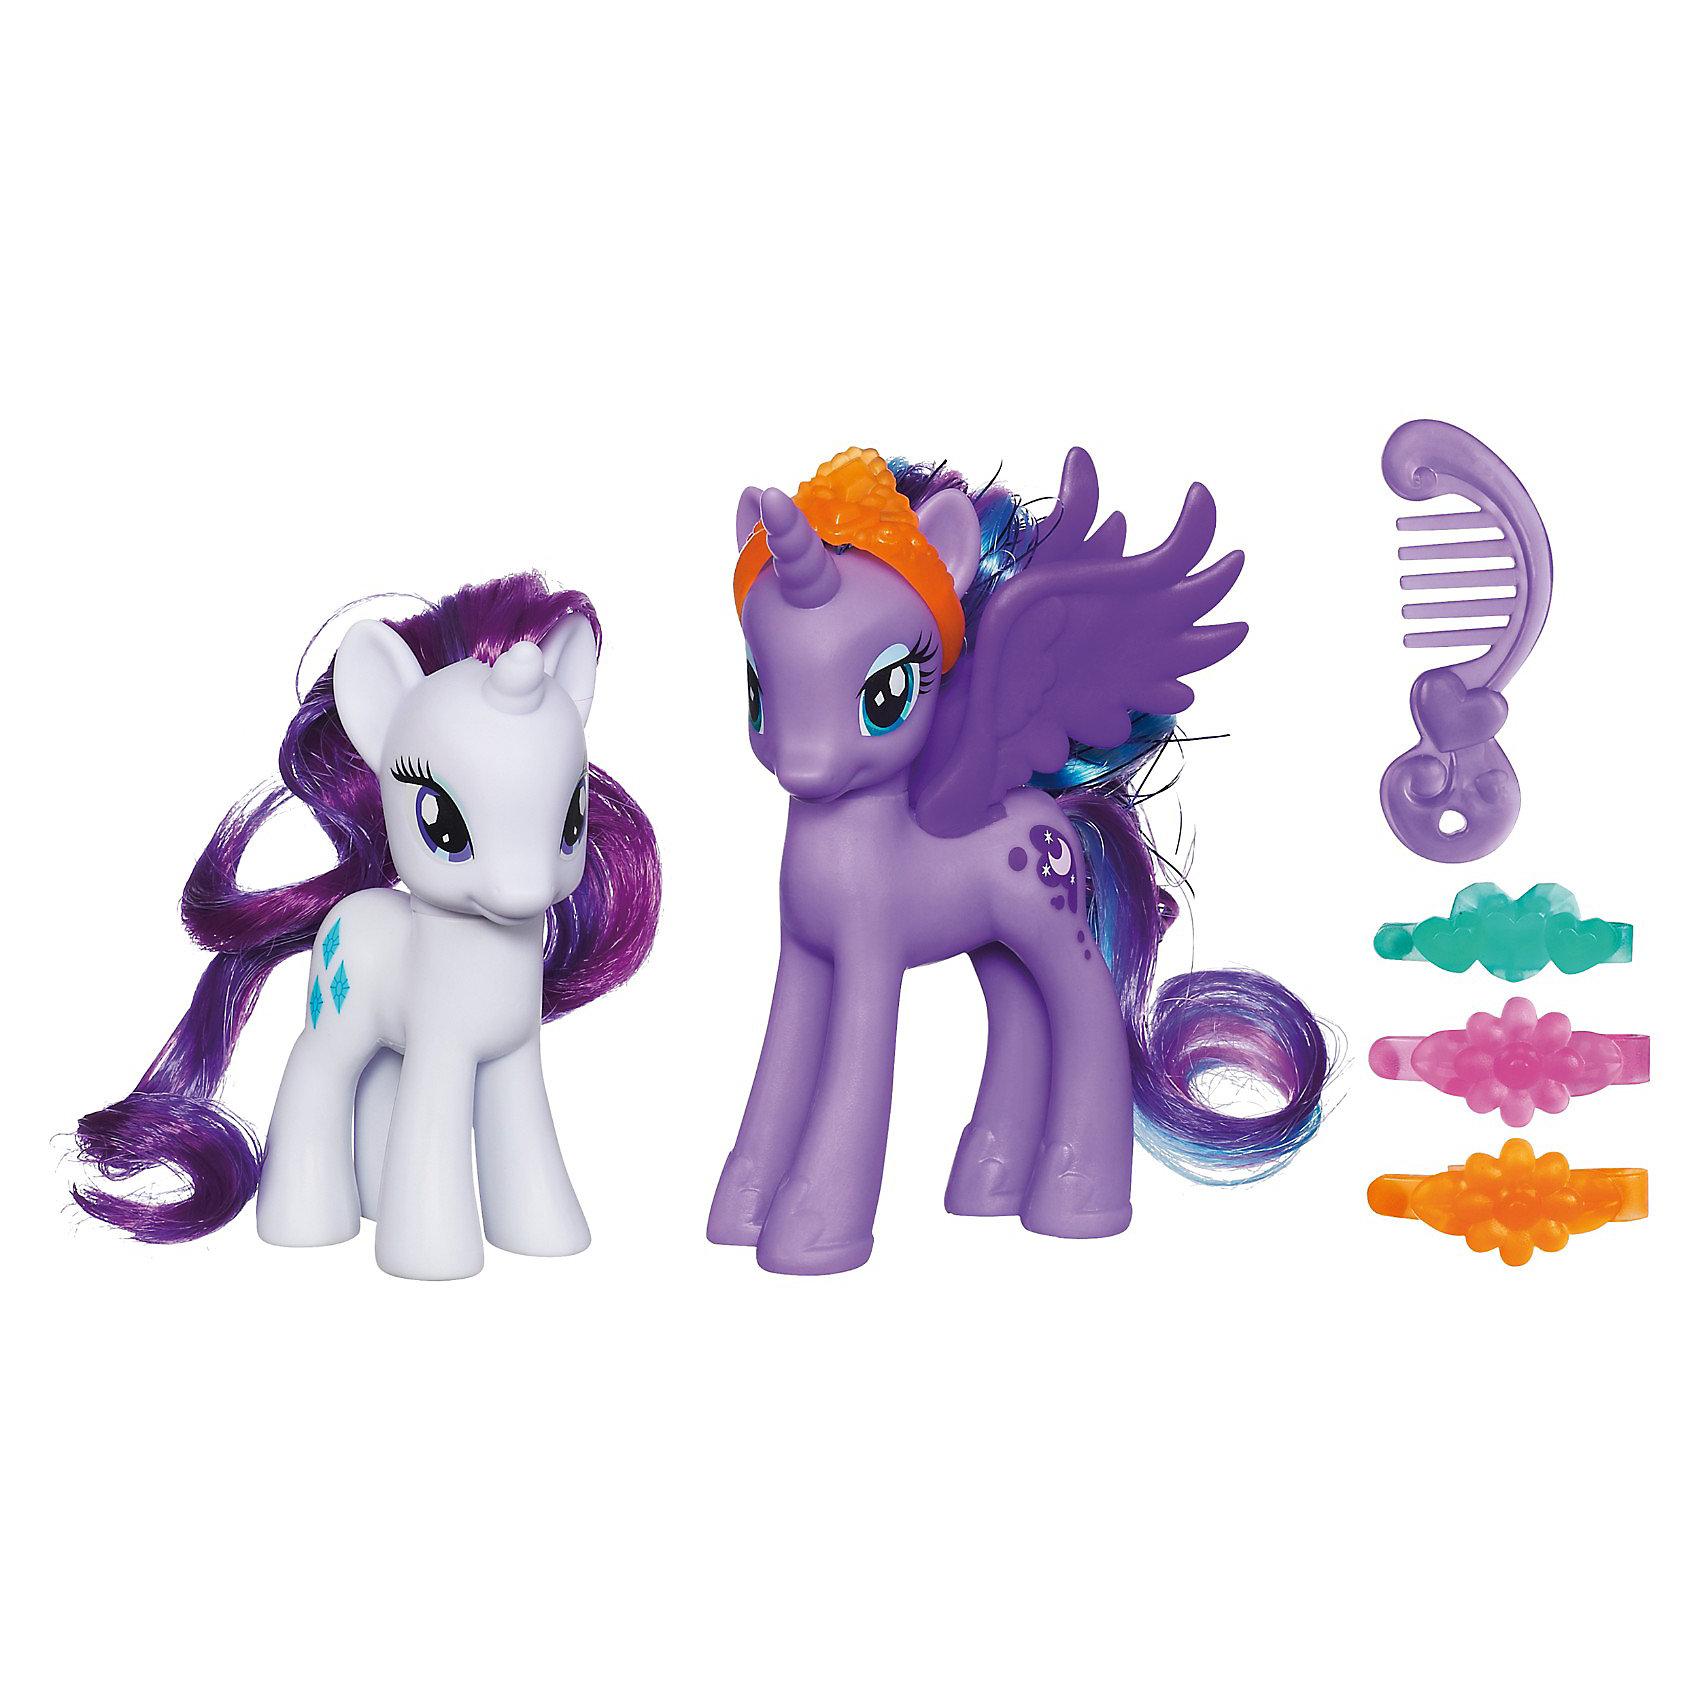 ������� ����� ��������� My Little Pony, � ������������������� ����� ��������� My Little Pony (��� ��������� ����) ����������� � ������������. � ������ ������ ��������� � �� ��������. ��������� ���� ������� ����������, �������� � ������� ������� ��������� ���������� �������  ��� ���� �������� ��������. ��������� ������� ������ ������� ���������� �������, ������ � ����������� ���� ����� ����������� �� ��������.<br><br>� ������������ 2 ����� ������: <br>- ��������� �������� ������/������ � ������������<br>- ��������� ������/������� � ������������<br><br>�������������� ����������:<br>- ���������� �� ���������� ����������� ��������, ���������� ��������� ��� �������<br>- ������ ��������: 20 � 17 � 6 ��<br><br>��������! ����� ����������� � ������������, � ���������, ������� ������� ����� �� �������������� ���������. ��� ������ 2-� �������� ��������� ����������.<br><br>������� ����� ��������� My Little Pony ����� ������ � ����� ��������-��������.<br><br>������ ��: 204<br>������� ��: 169<br>������ ��: 61<br>��� �: 156<br>������� �� �������: 36<br>������� �� �������: 72<br>���: �������<br>�������: �������<br>SKU: 3273466